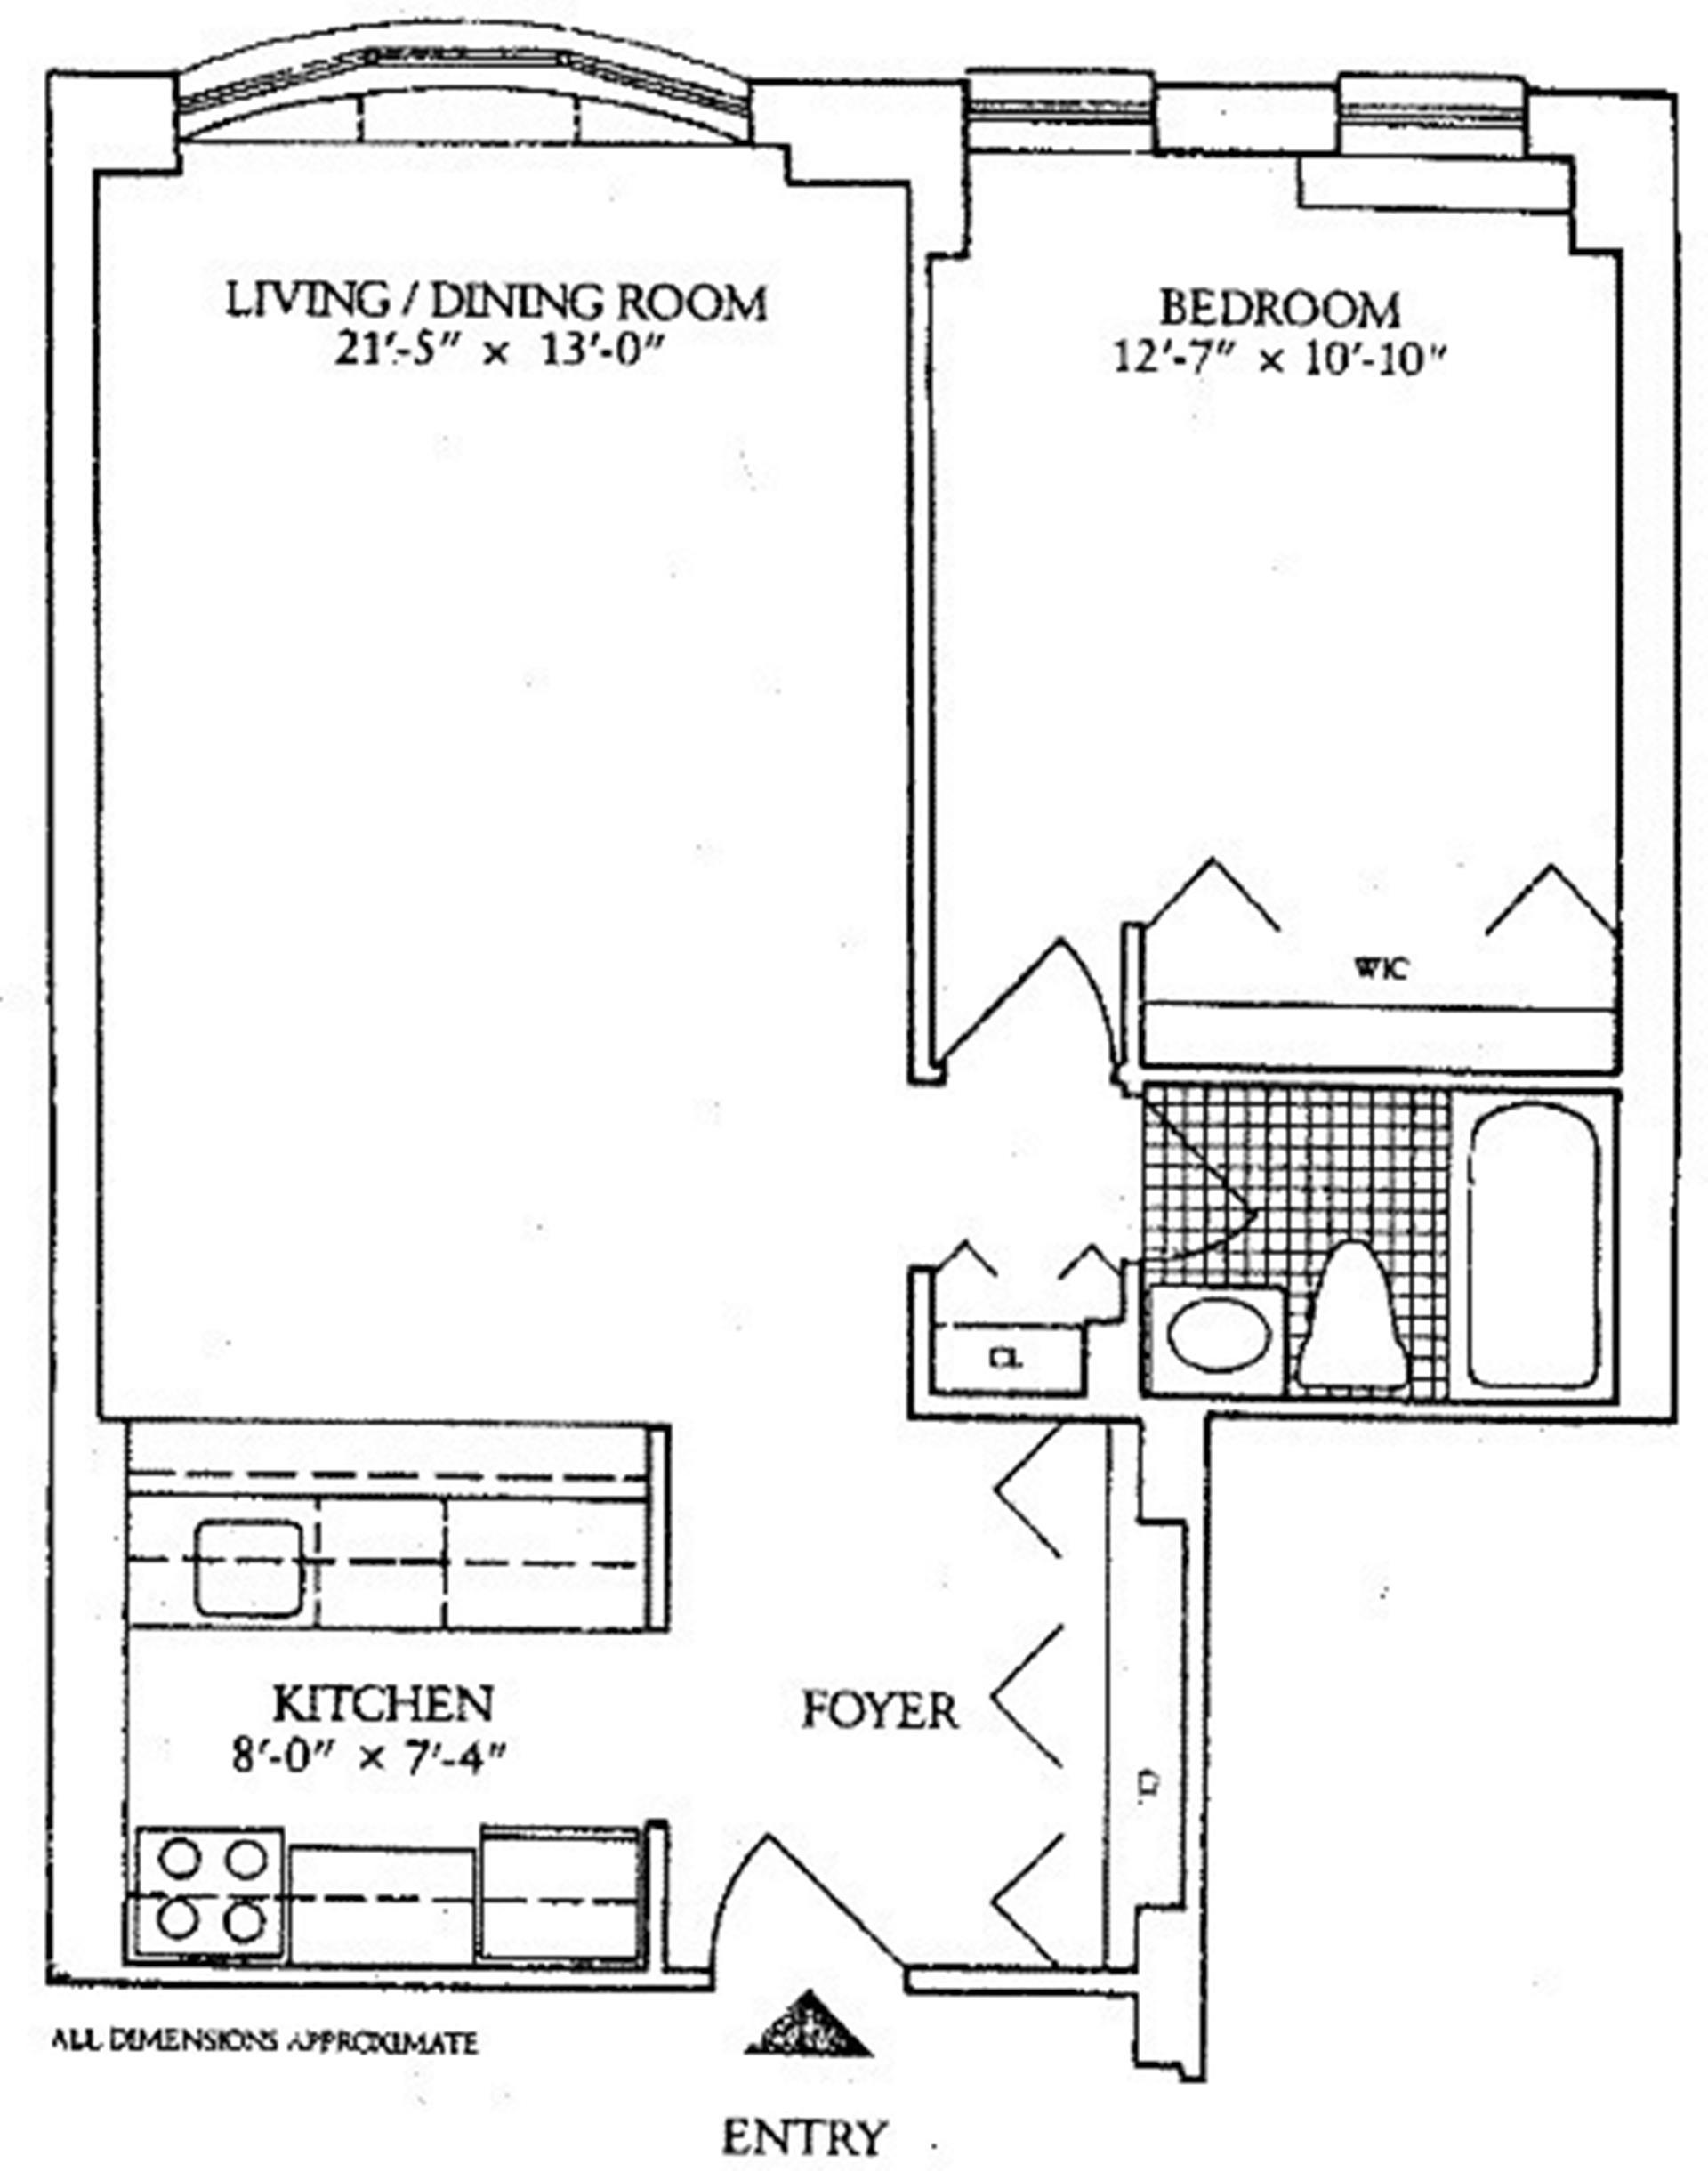 Floor plan of THE BROADWAY CONDO, 2250 Broadway, 6J - Upper West Side, New York